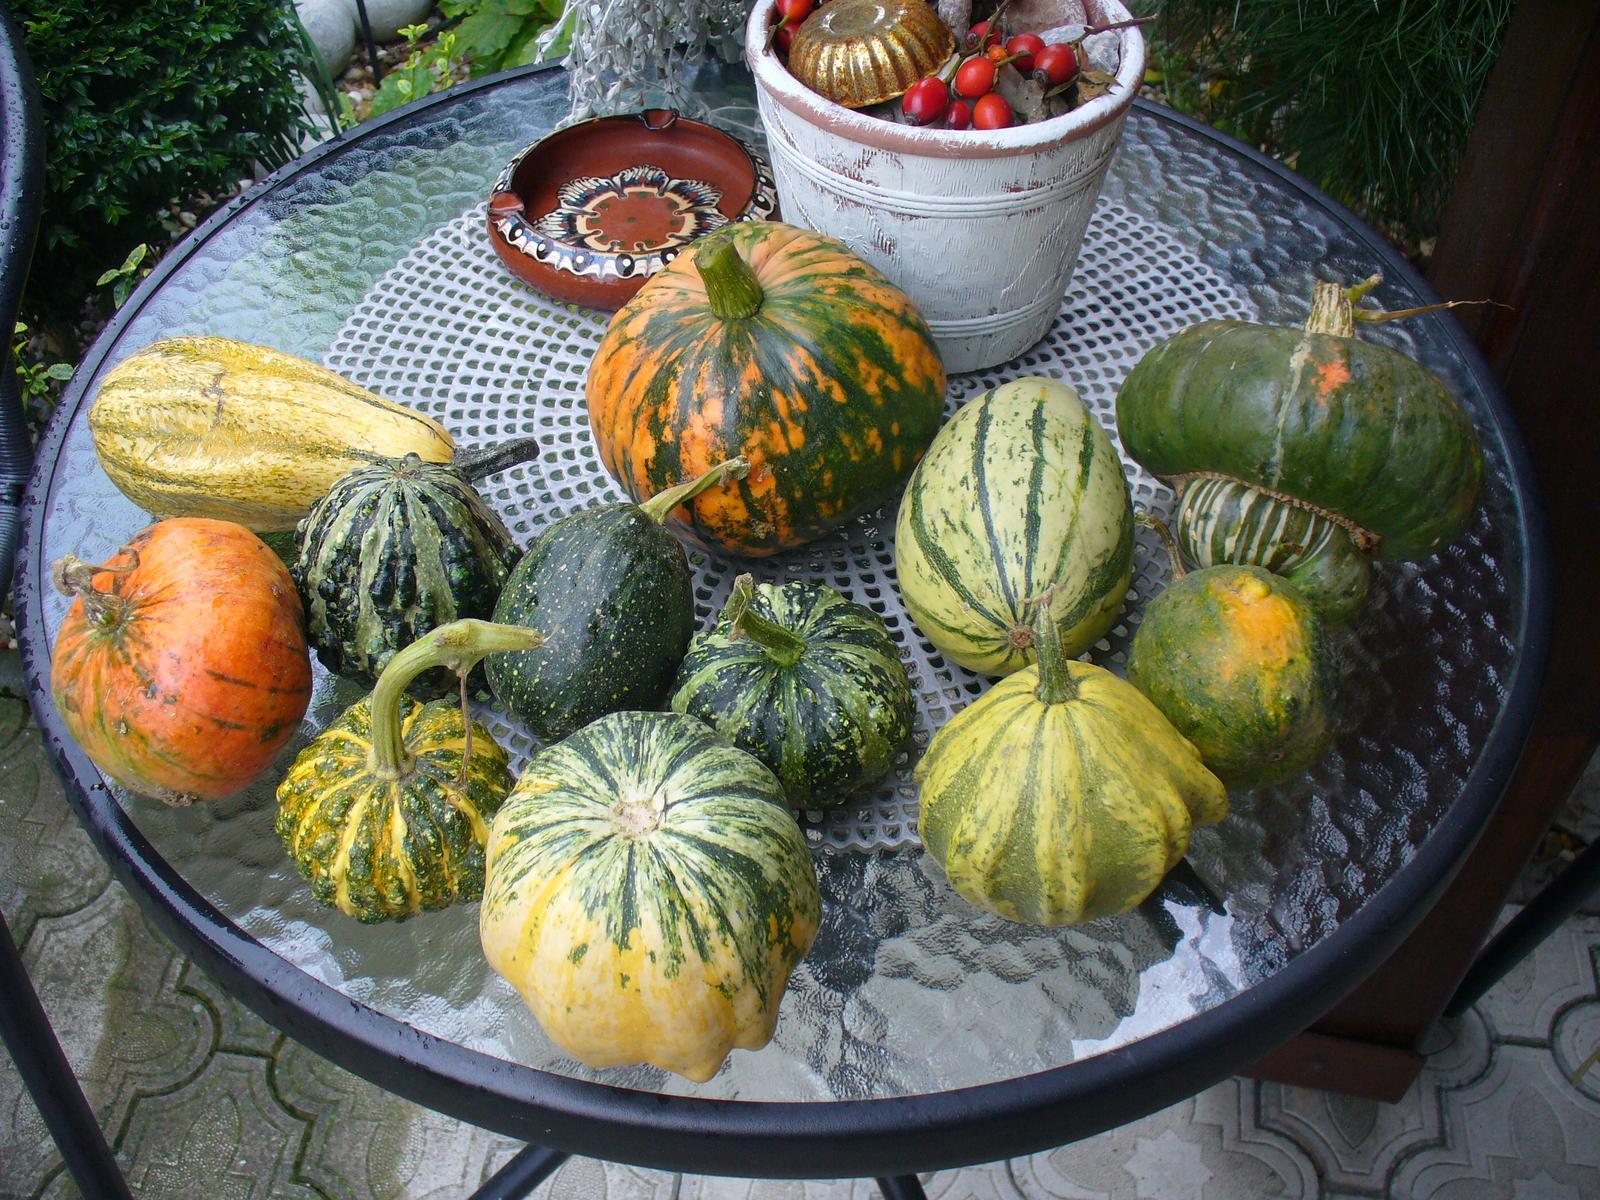 Prerábka, sadenie a úpravy v našej mini záhradke. - dostala som od susedky